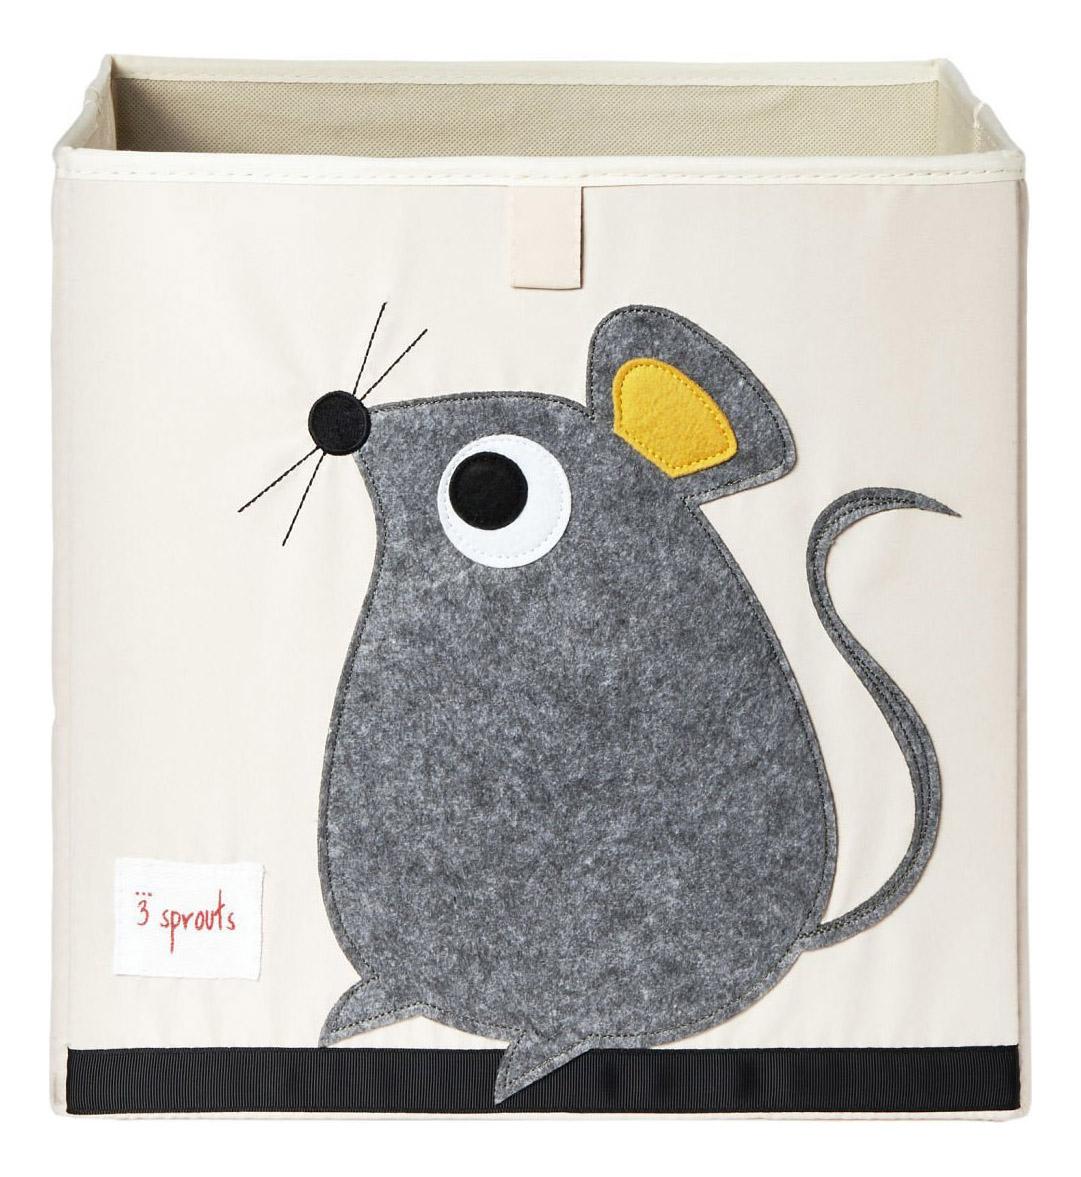 Ящик для хранения игрушек 3 sprouts Мышь